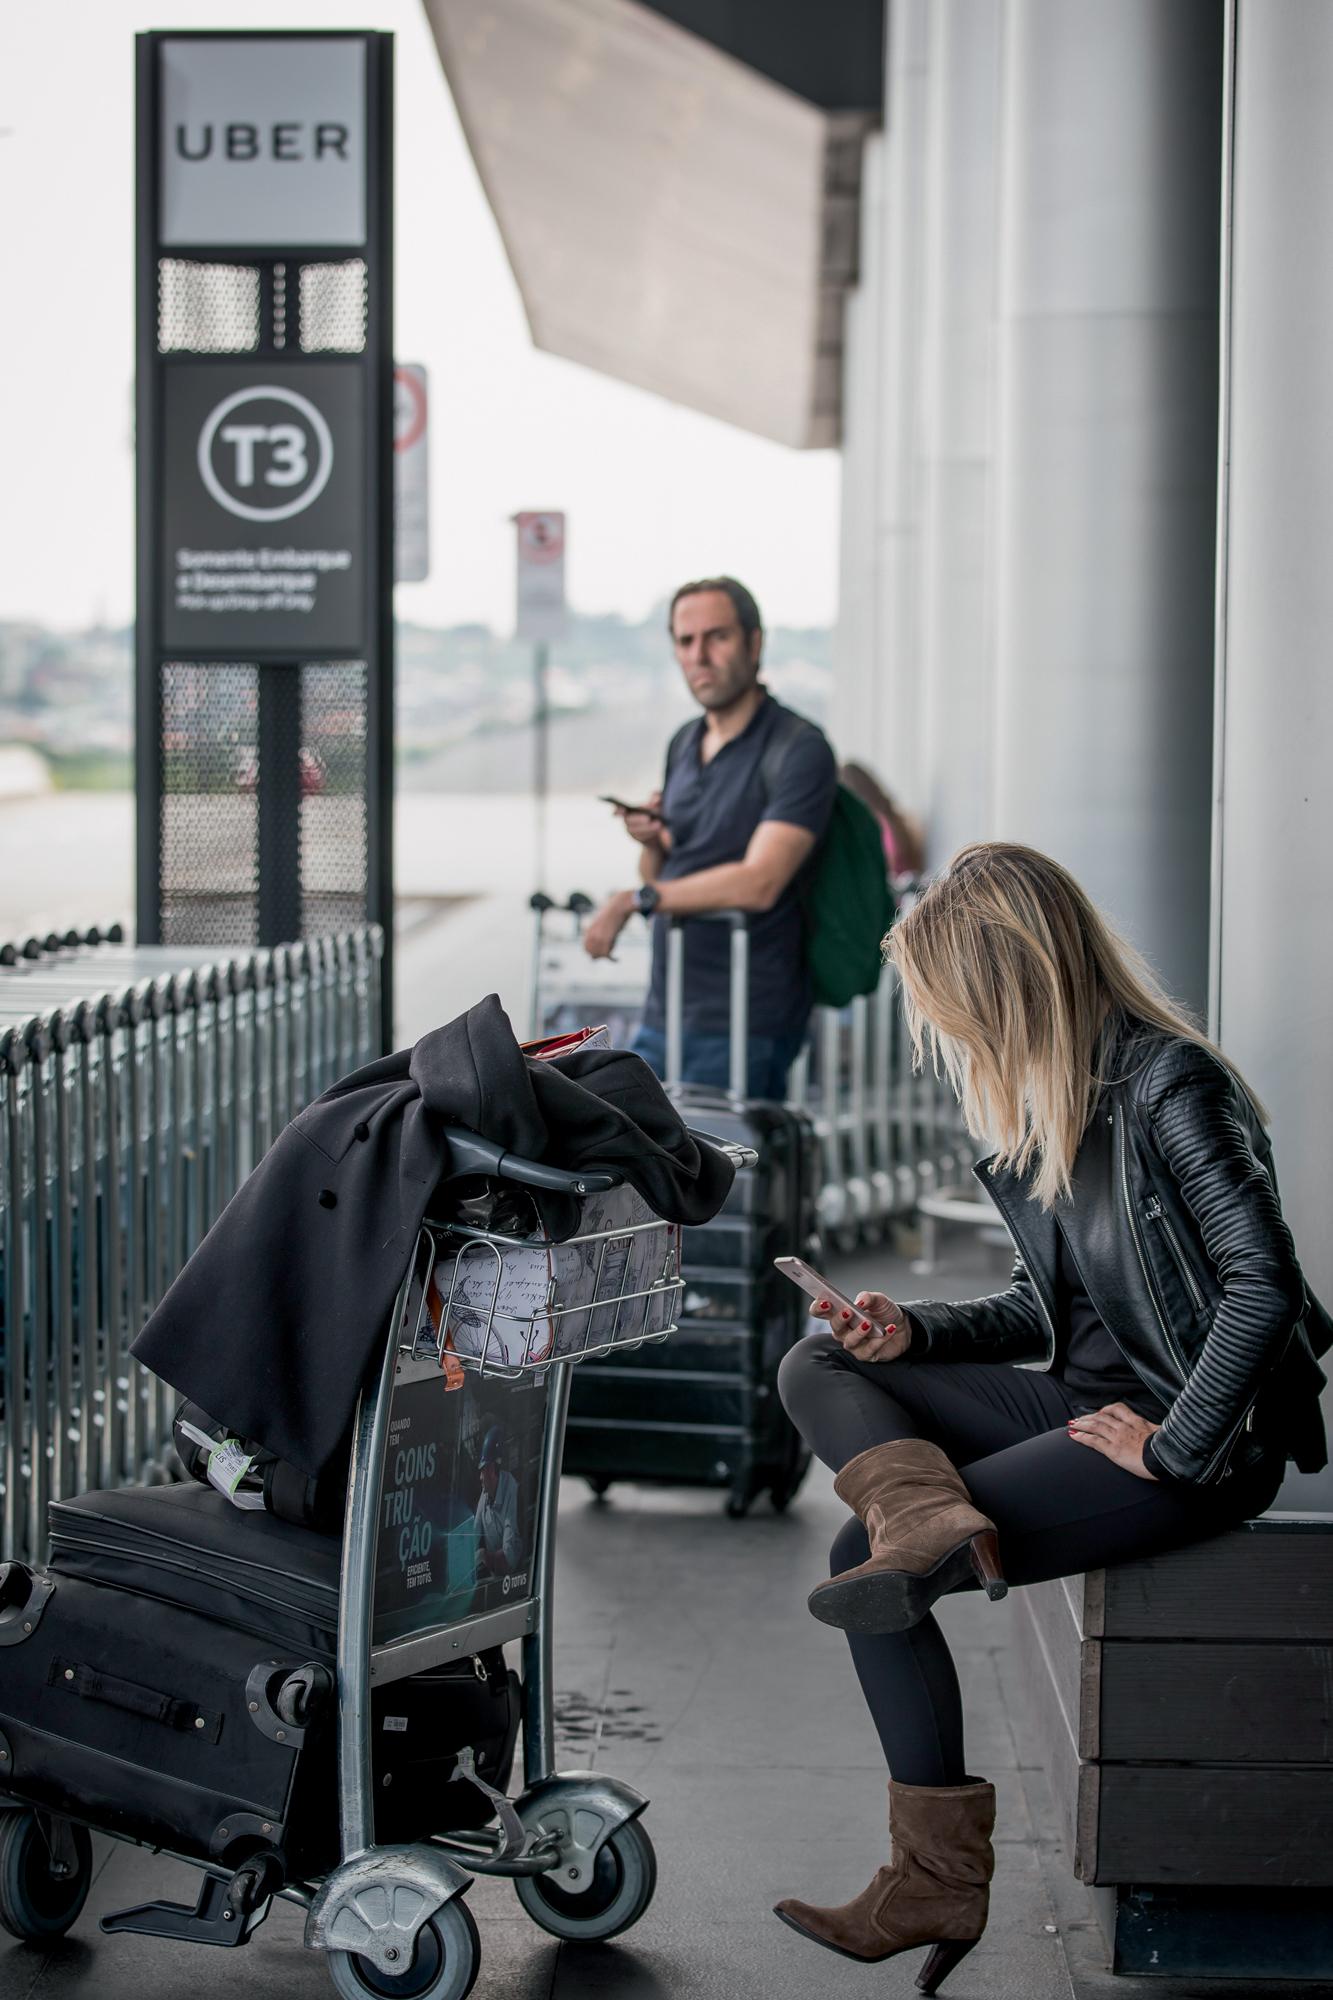 TESTE DE PACIÊNCIA -Espera longa: os cancelamentos deixam usuários à deriva -